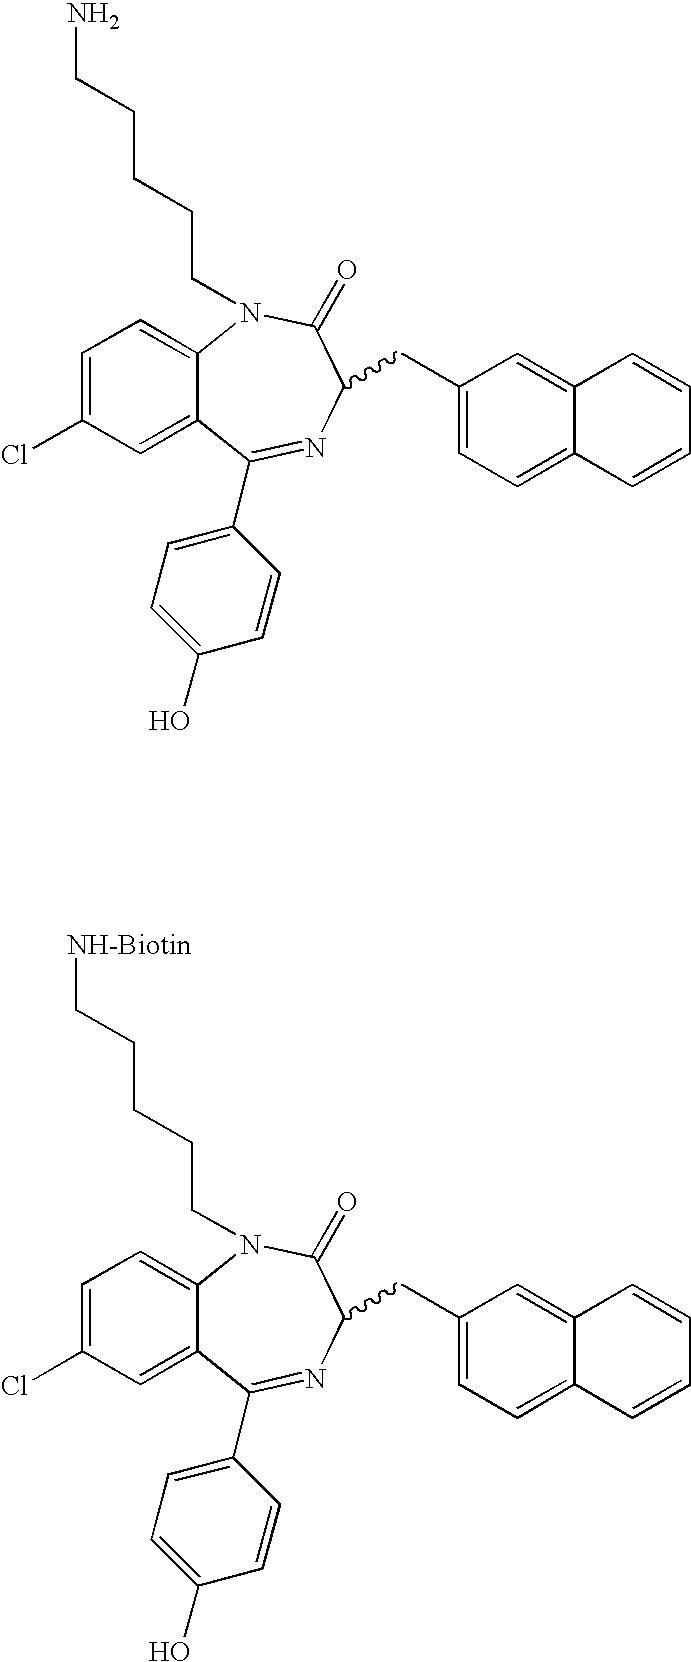 Figure US07683046-20100323-C00028